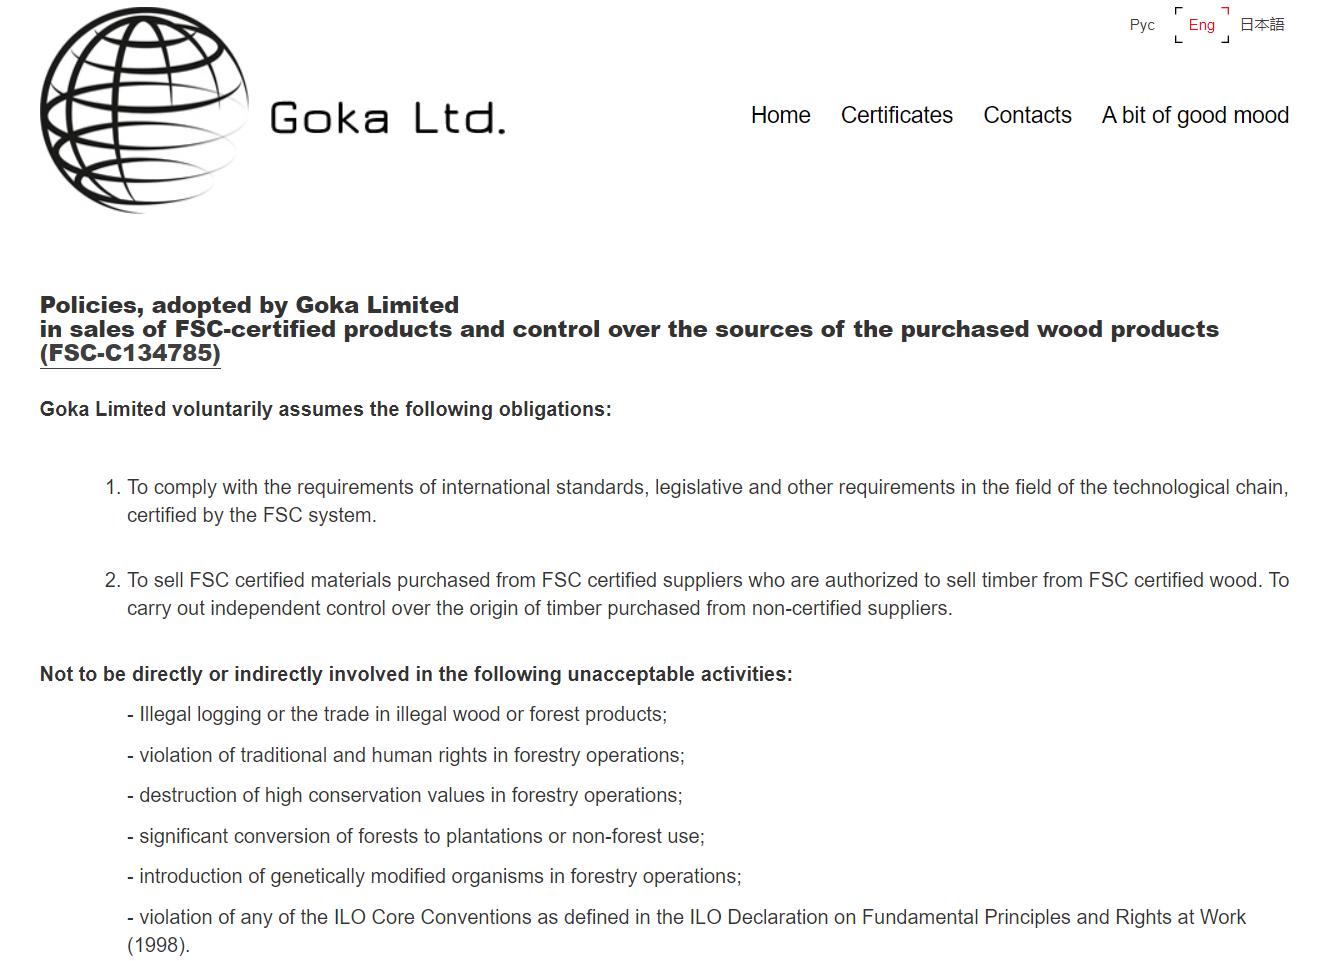 Goka Ltd disavows illegal logging or trading illegal wood (screenshot taken 7 December). Source: Goka Ltd